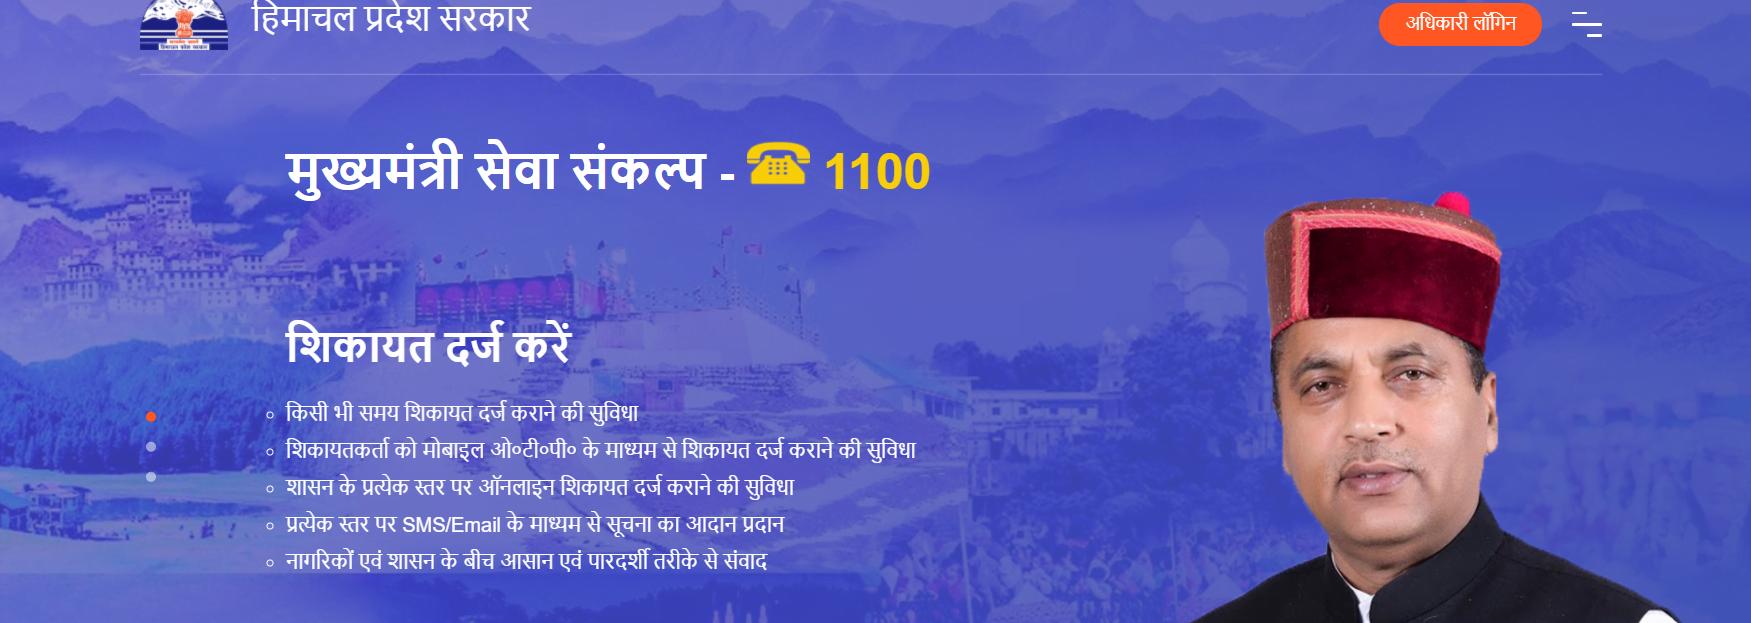 हिमाचल-प्रदेश-मुख्यमंत्री-सेवा-संकल्प-योजना